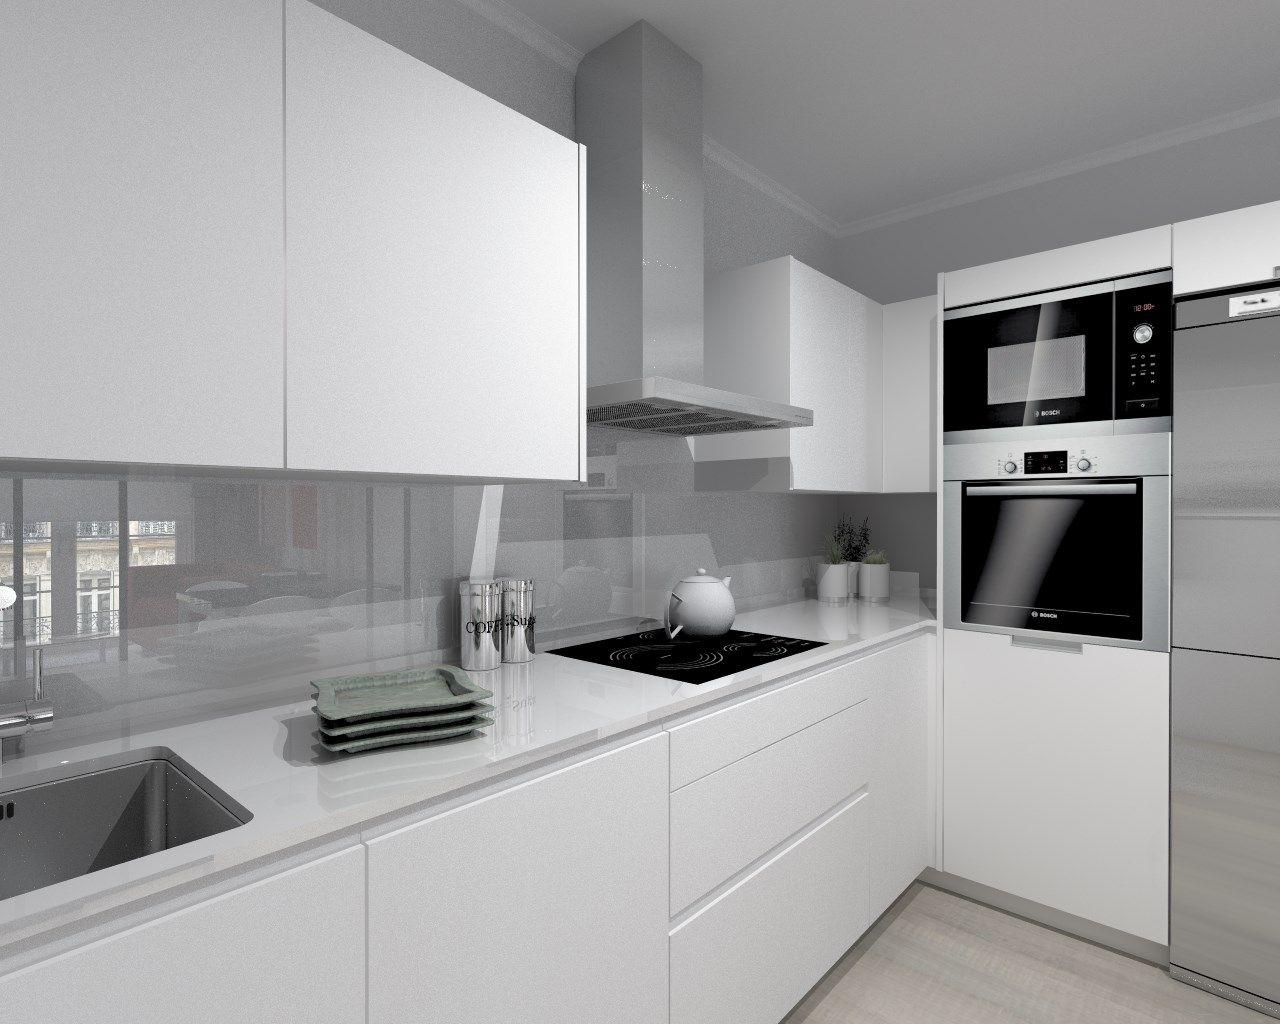 Cocina santos modelo line estratificado blanco encimera for Modelos cocinas integrales modernas